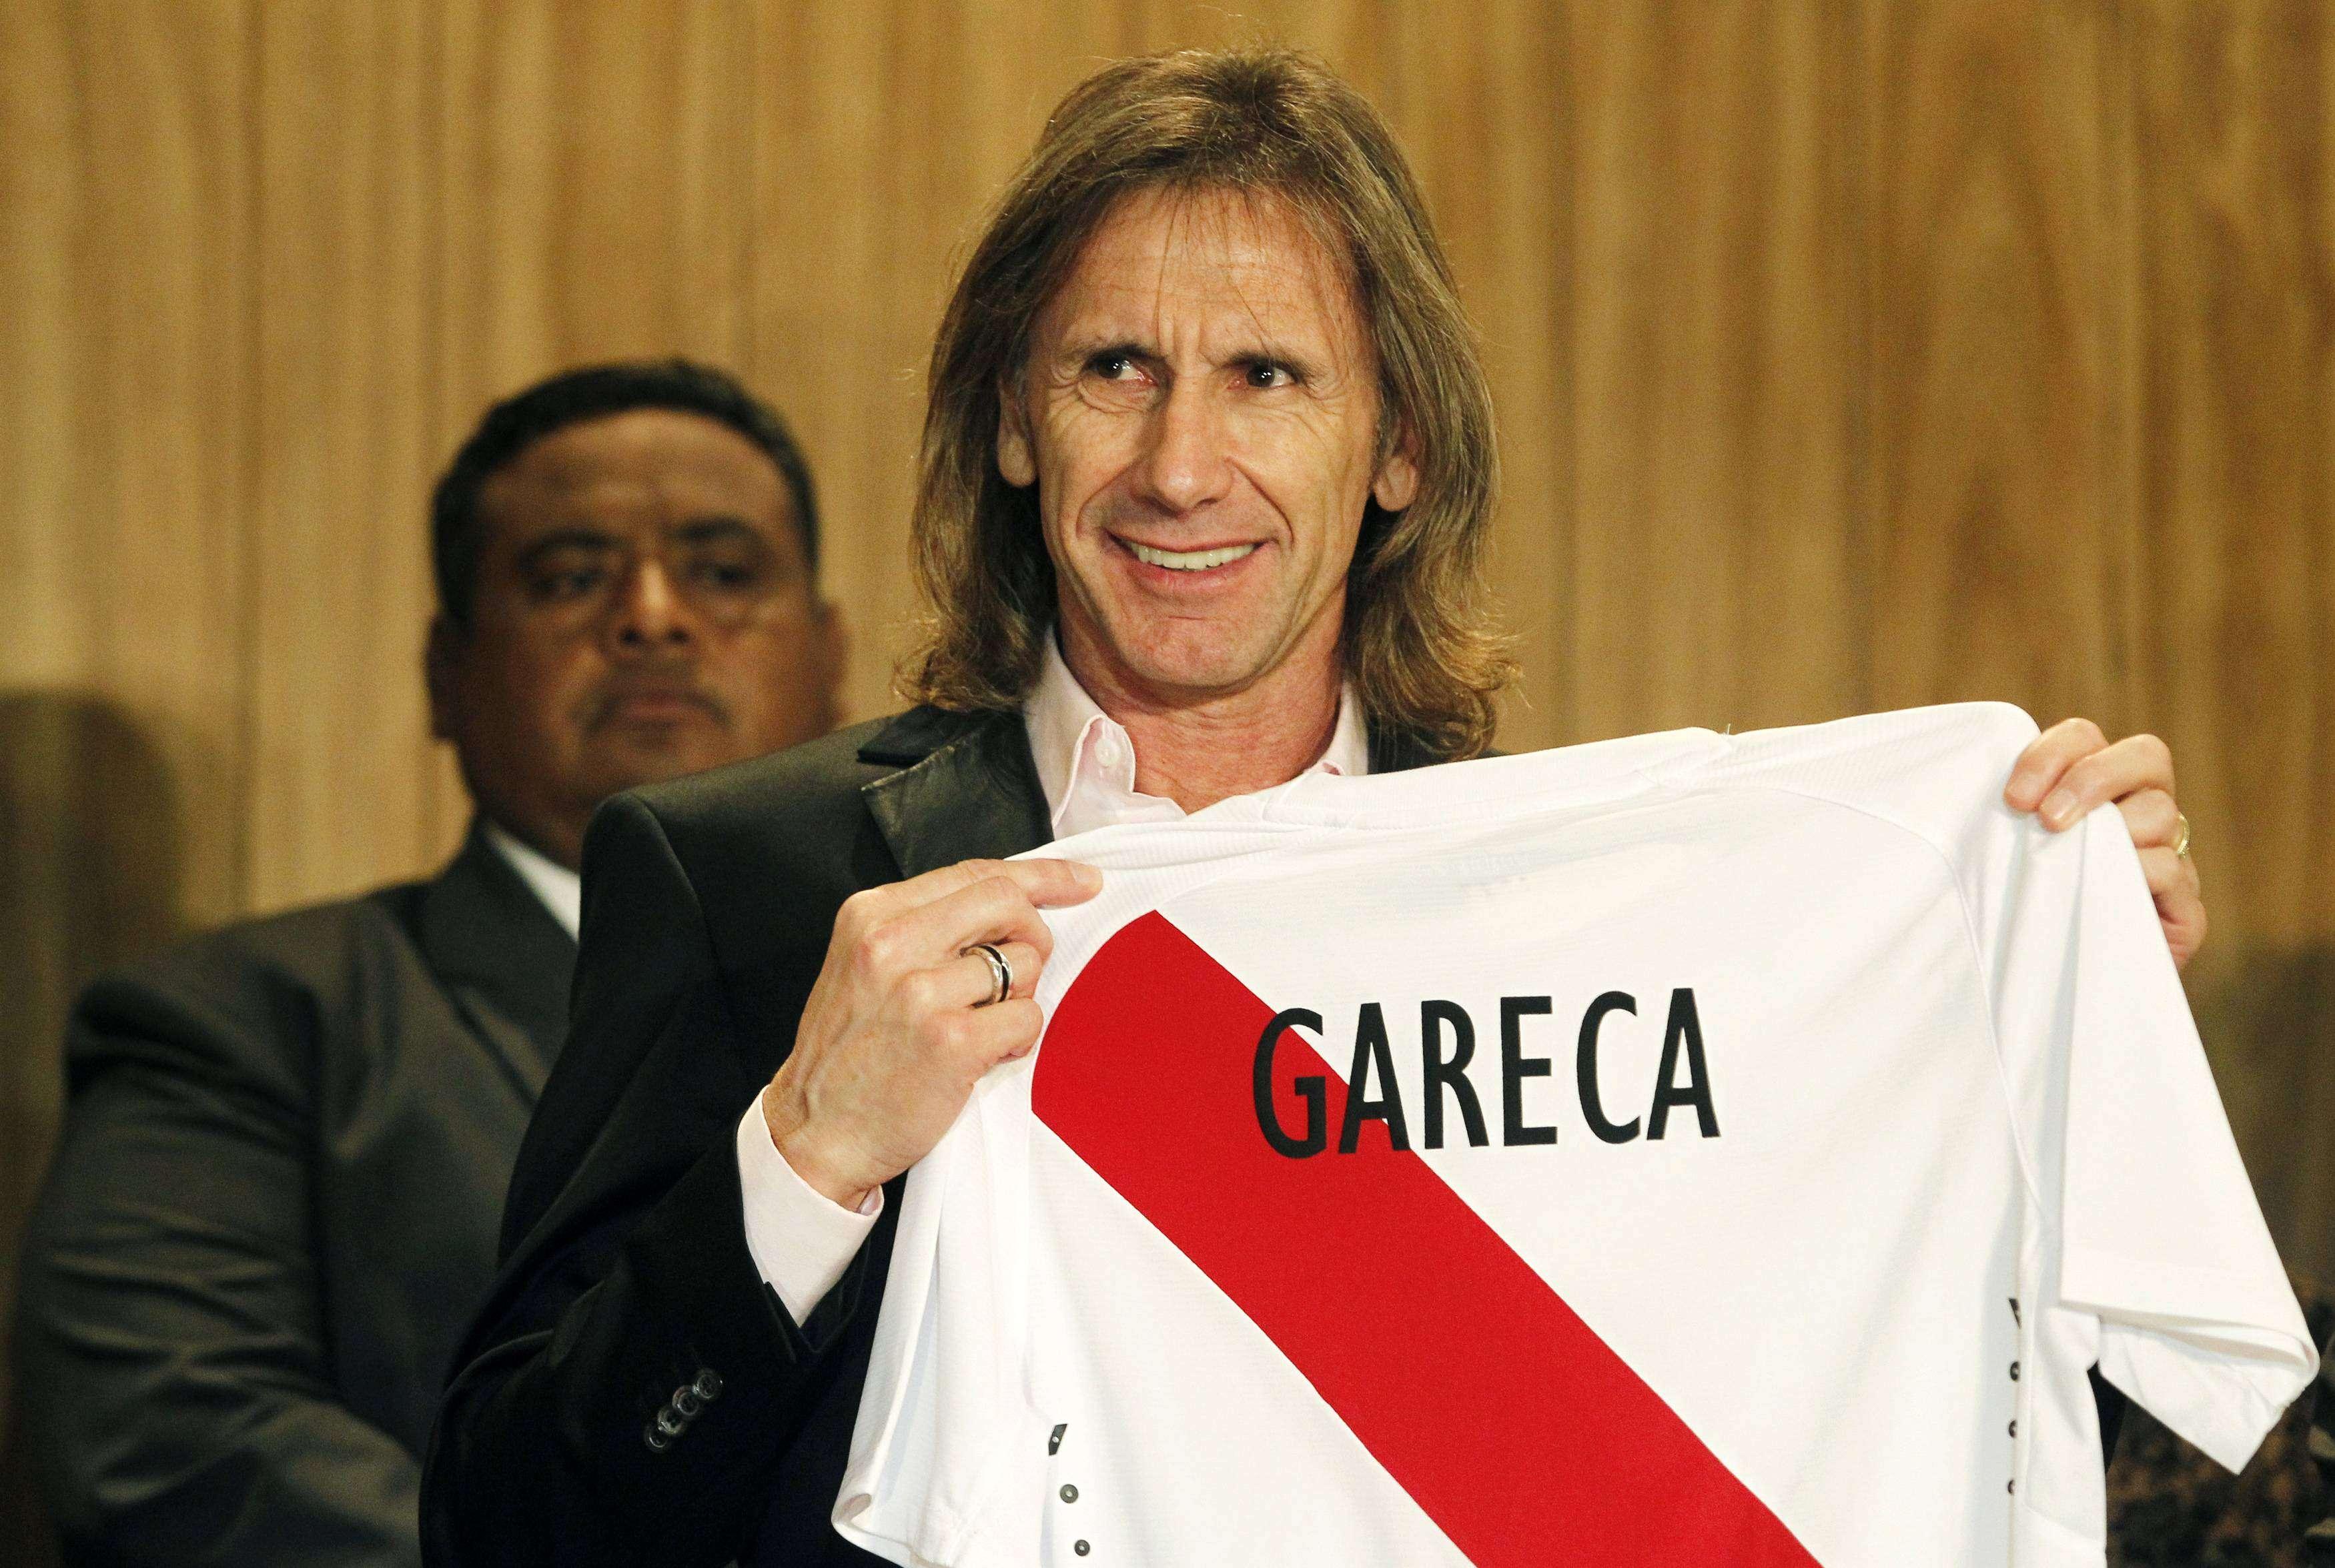 Ricardo Gareca dirigirá a Perú en la Copa que se juega en Chile. Foto: Reuters en español